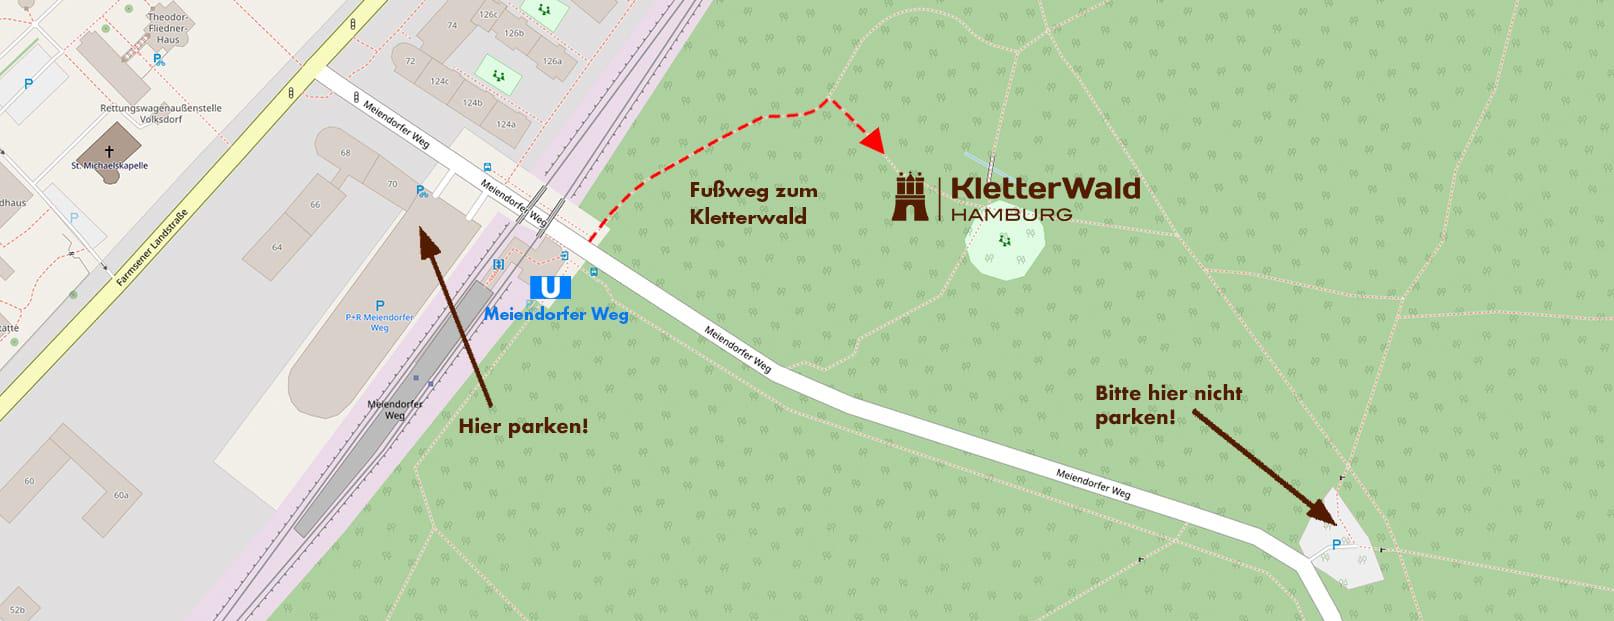 Lageplan Kletterwald